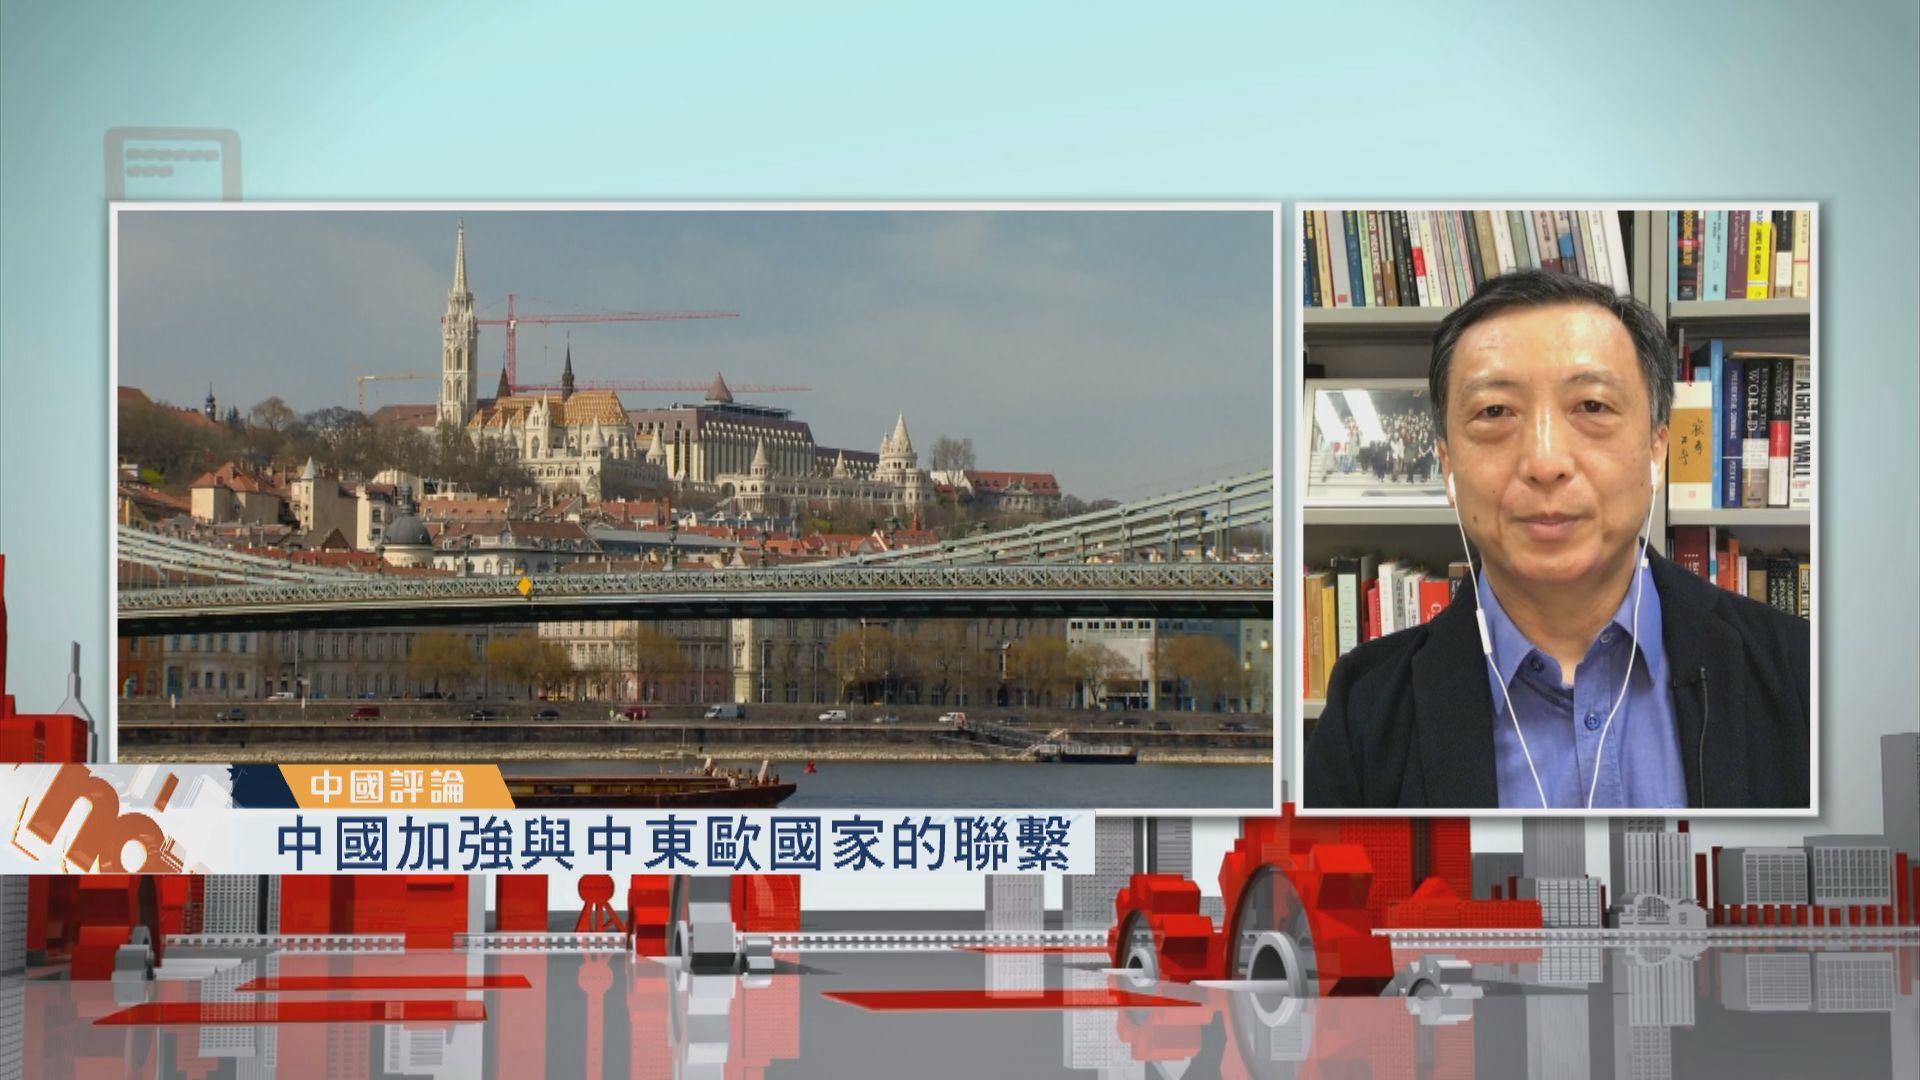 【中國評論】中國加強與中東歐國家聯繫